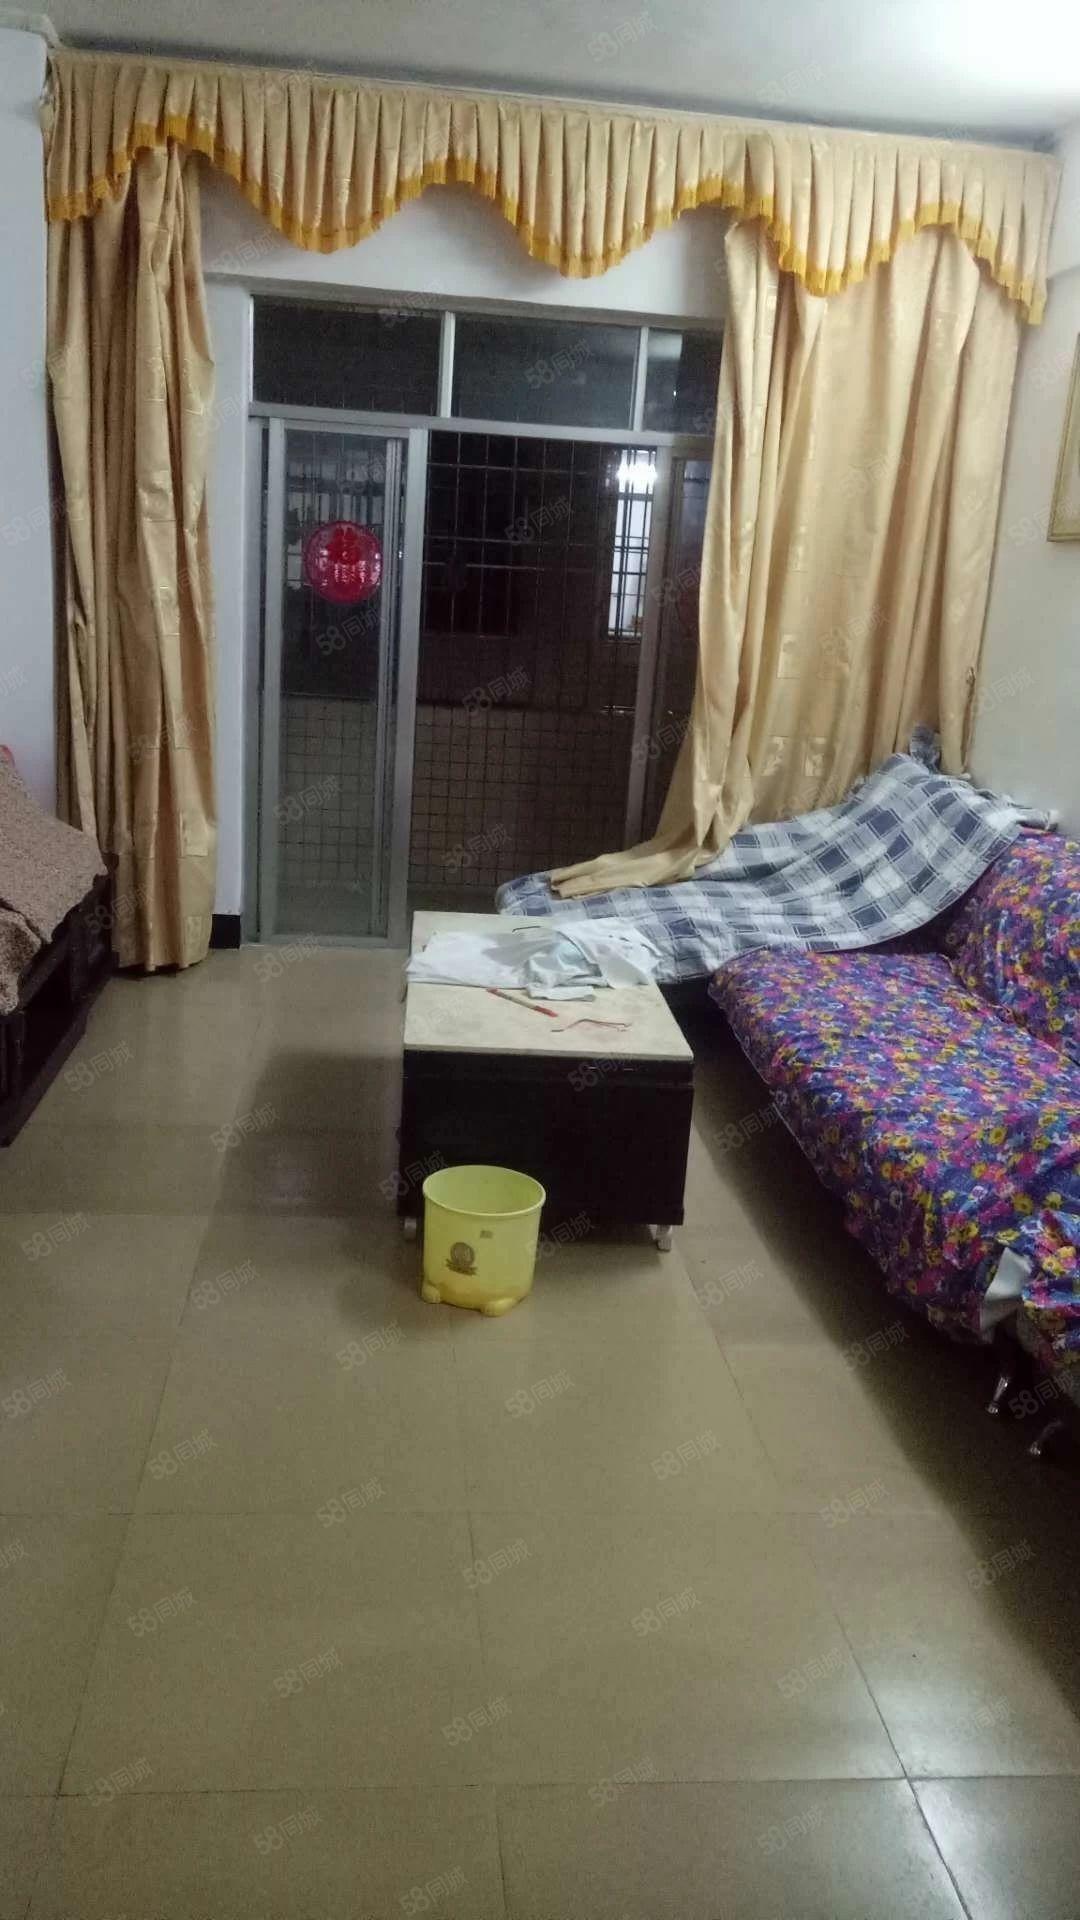 昌和路小3房,76平方,配杂物间,步梯2楼,开价35.8万